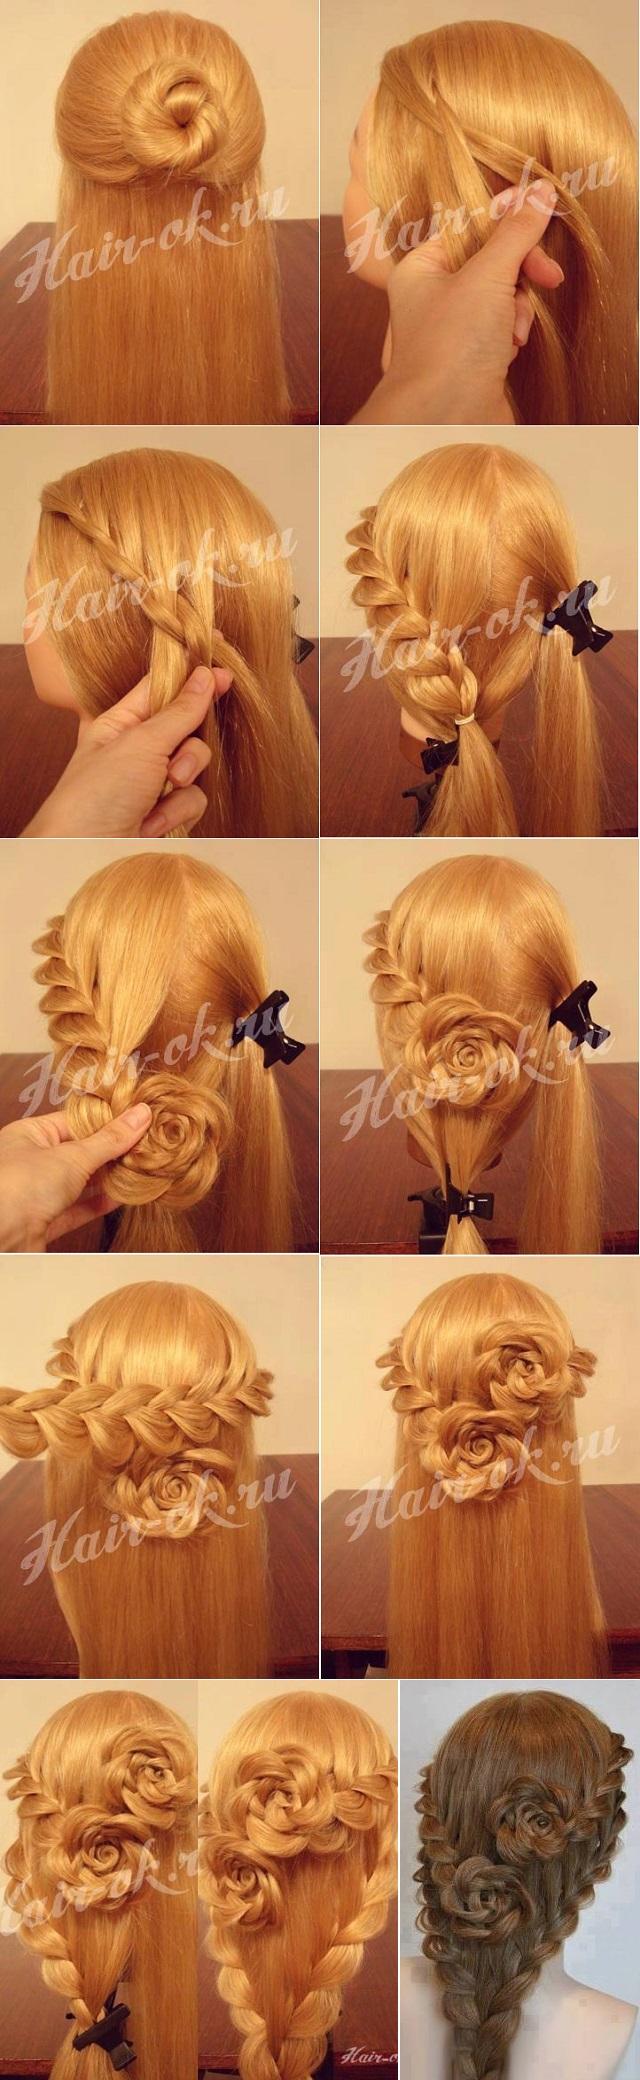 Rose Bud Flower Braid Hairstyle - Tutorial 1